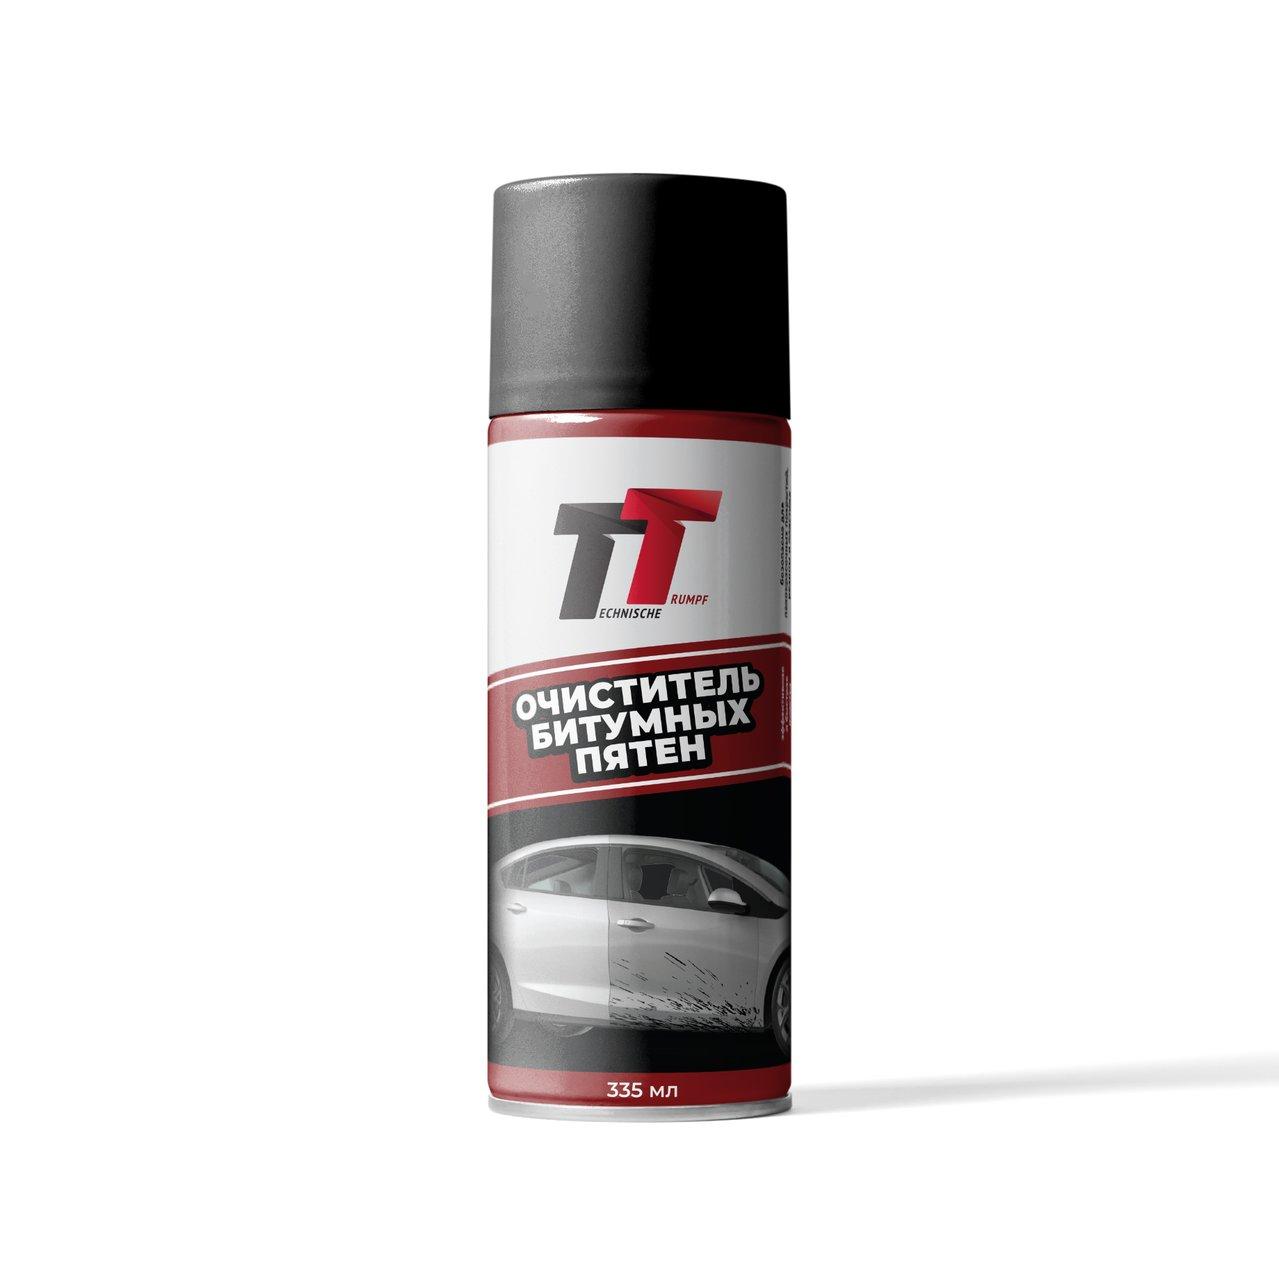 TT Очиститель битумных пятен, 0,335л